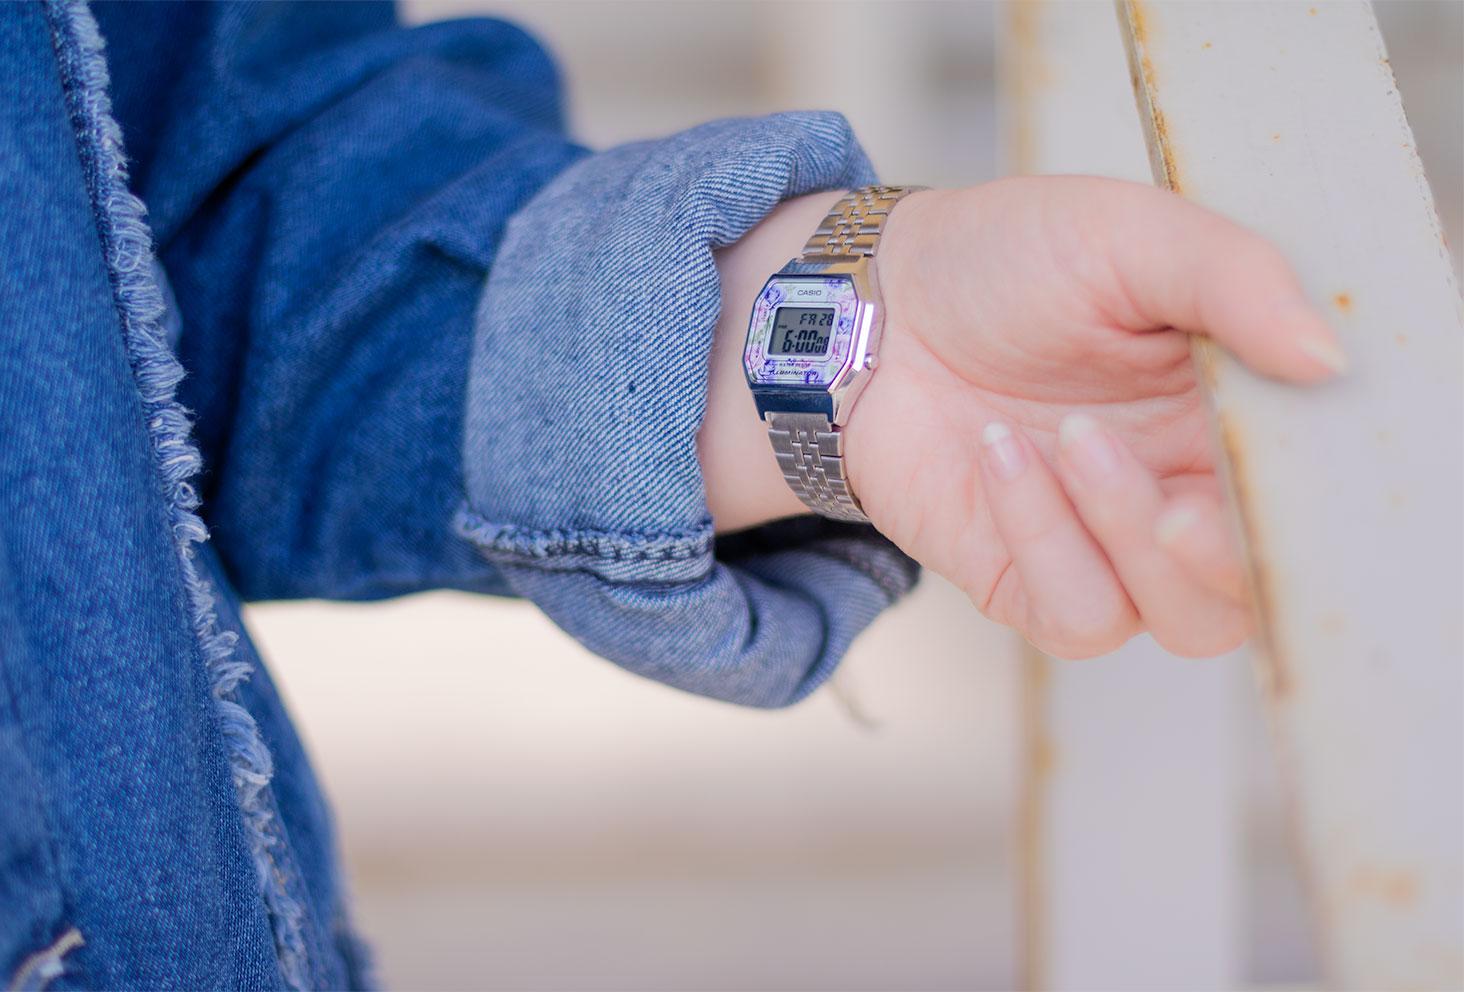 Zoom sur la montre Casio Vintage argentée au motifs floraux roses et violets portée, avec une veste en jean